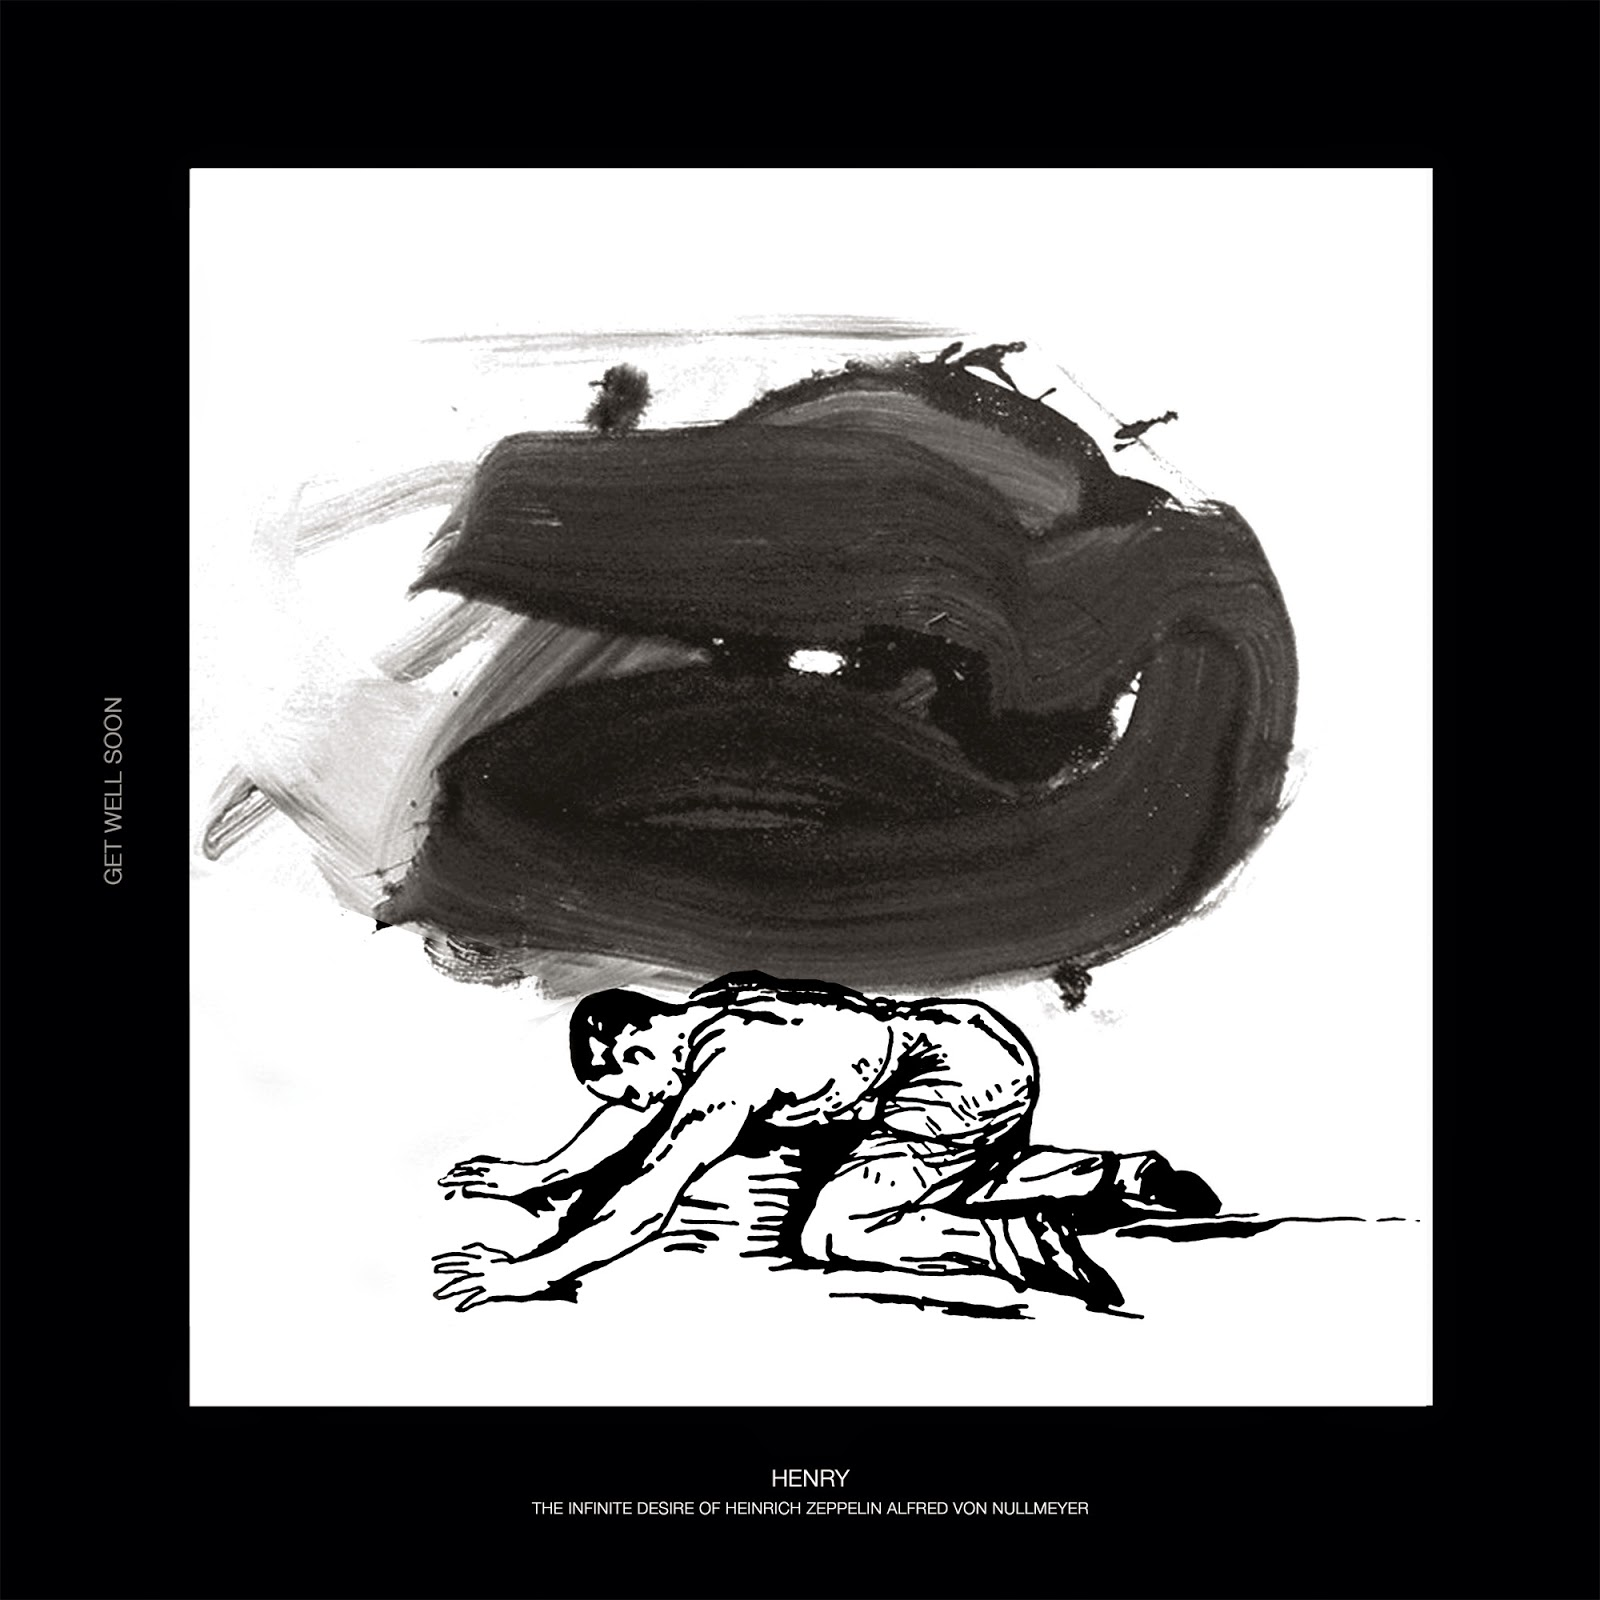 Get Well Soon - Henry - The Infinite Desire Of Heinrich Zeppelin Alfred Von Nullmeyer EP